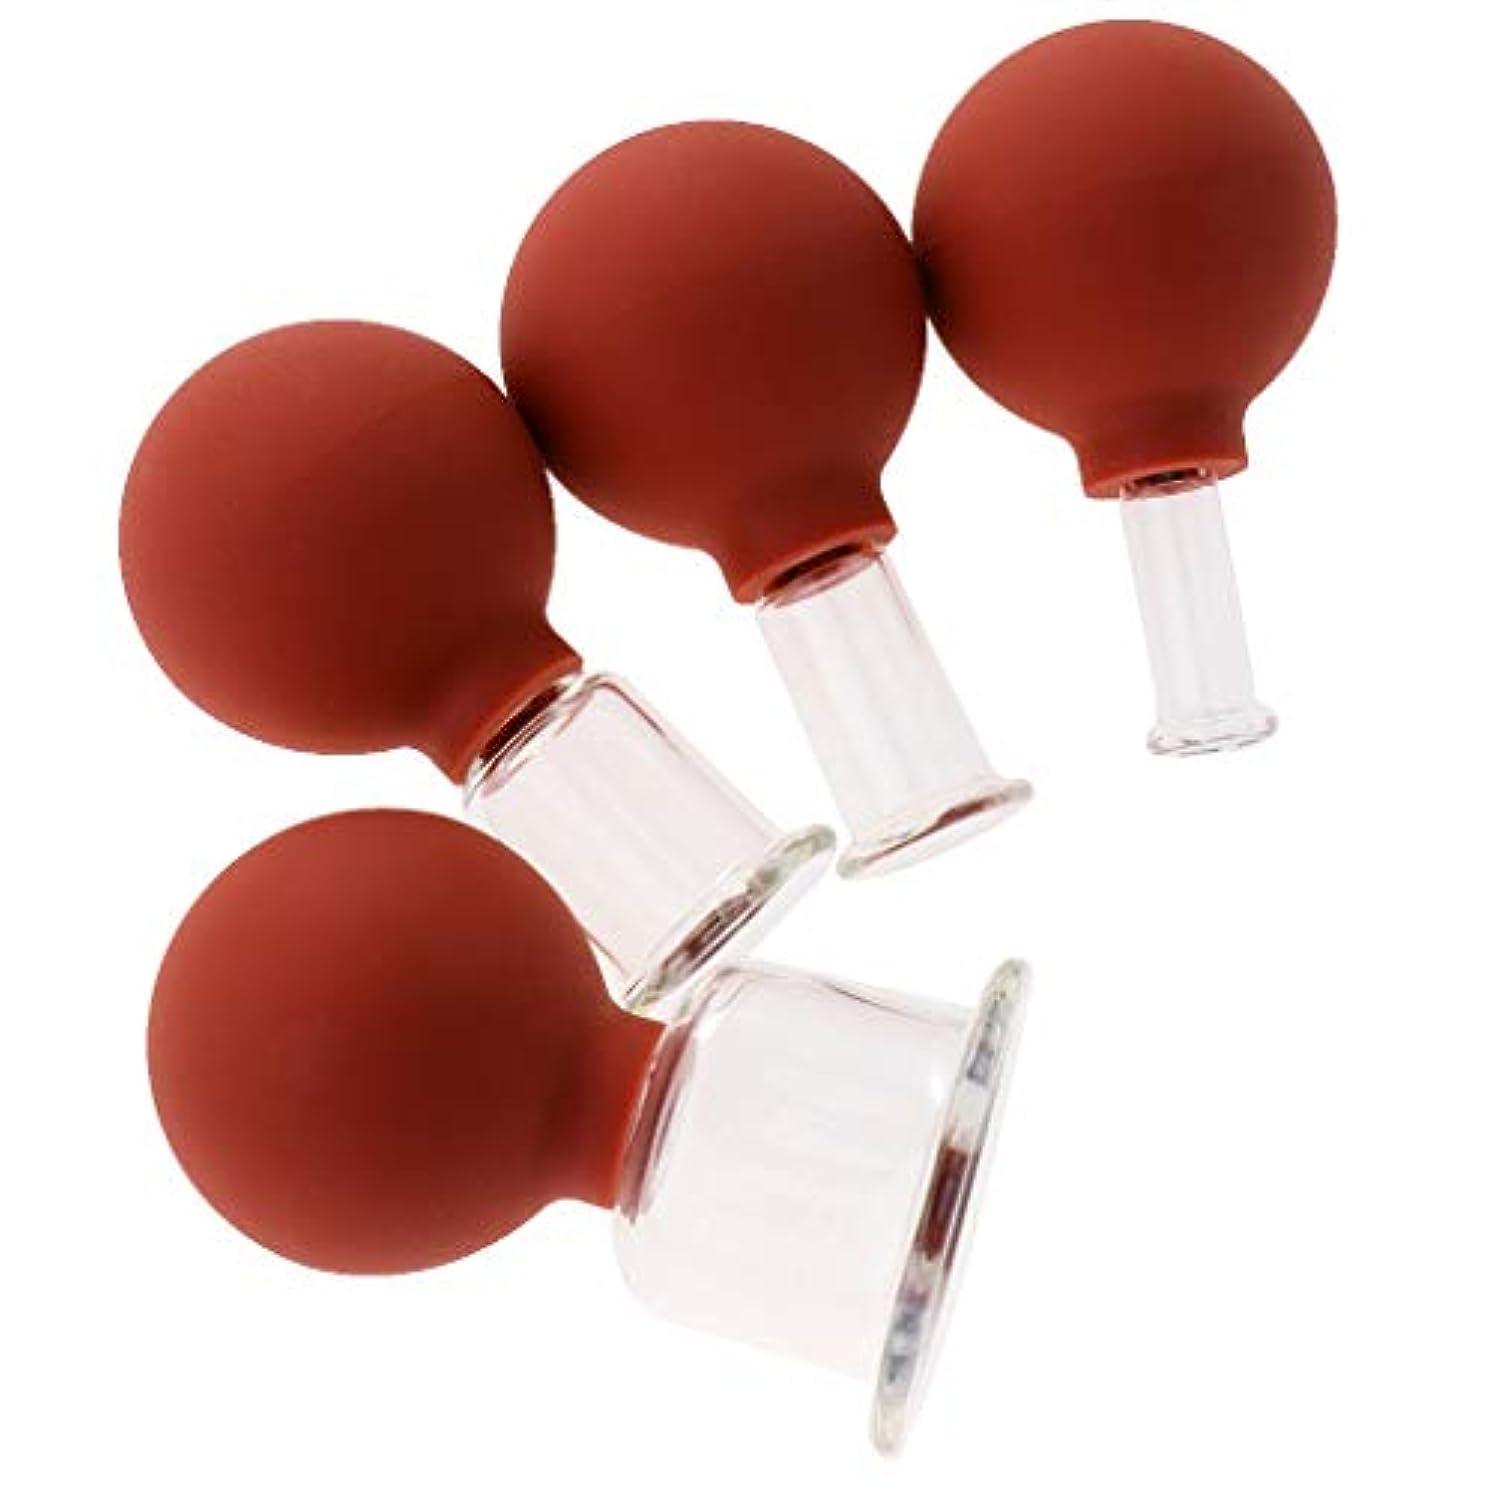 解説密度先入観D DOLITY マッサージカップ 吸い玉 カッピングセット ガラスカッピング 真空 男女兼用 ギフト 4個 全3色 - 赤茶色